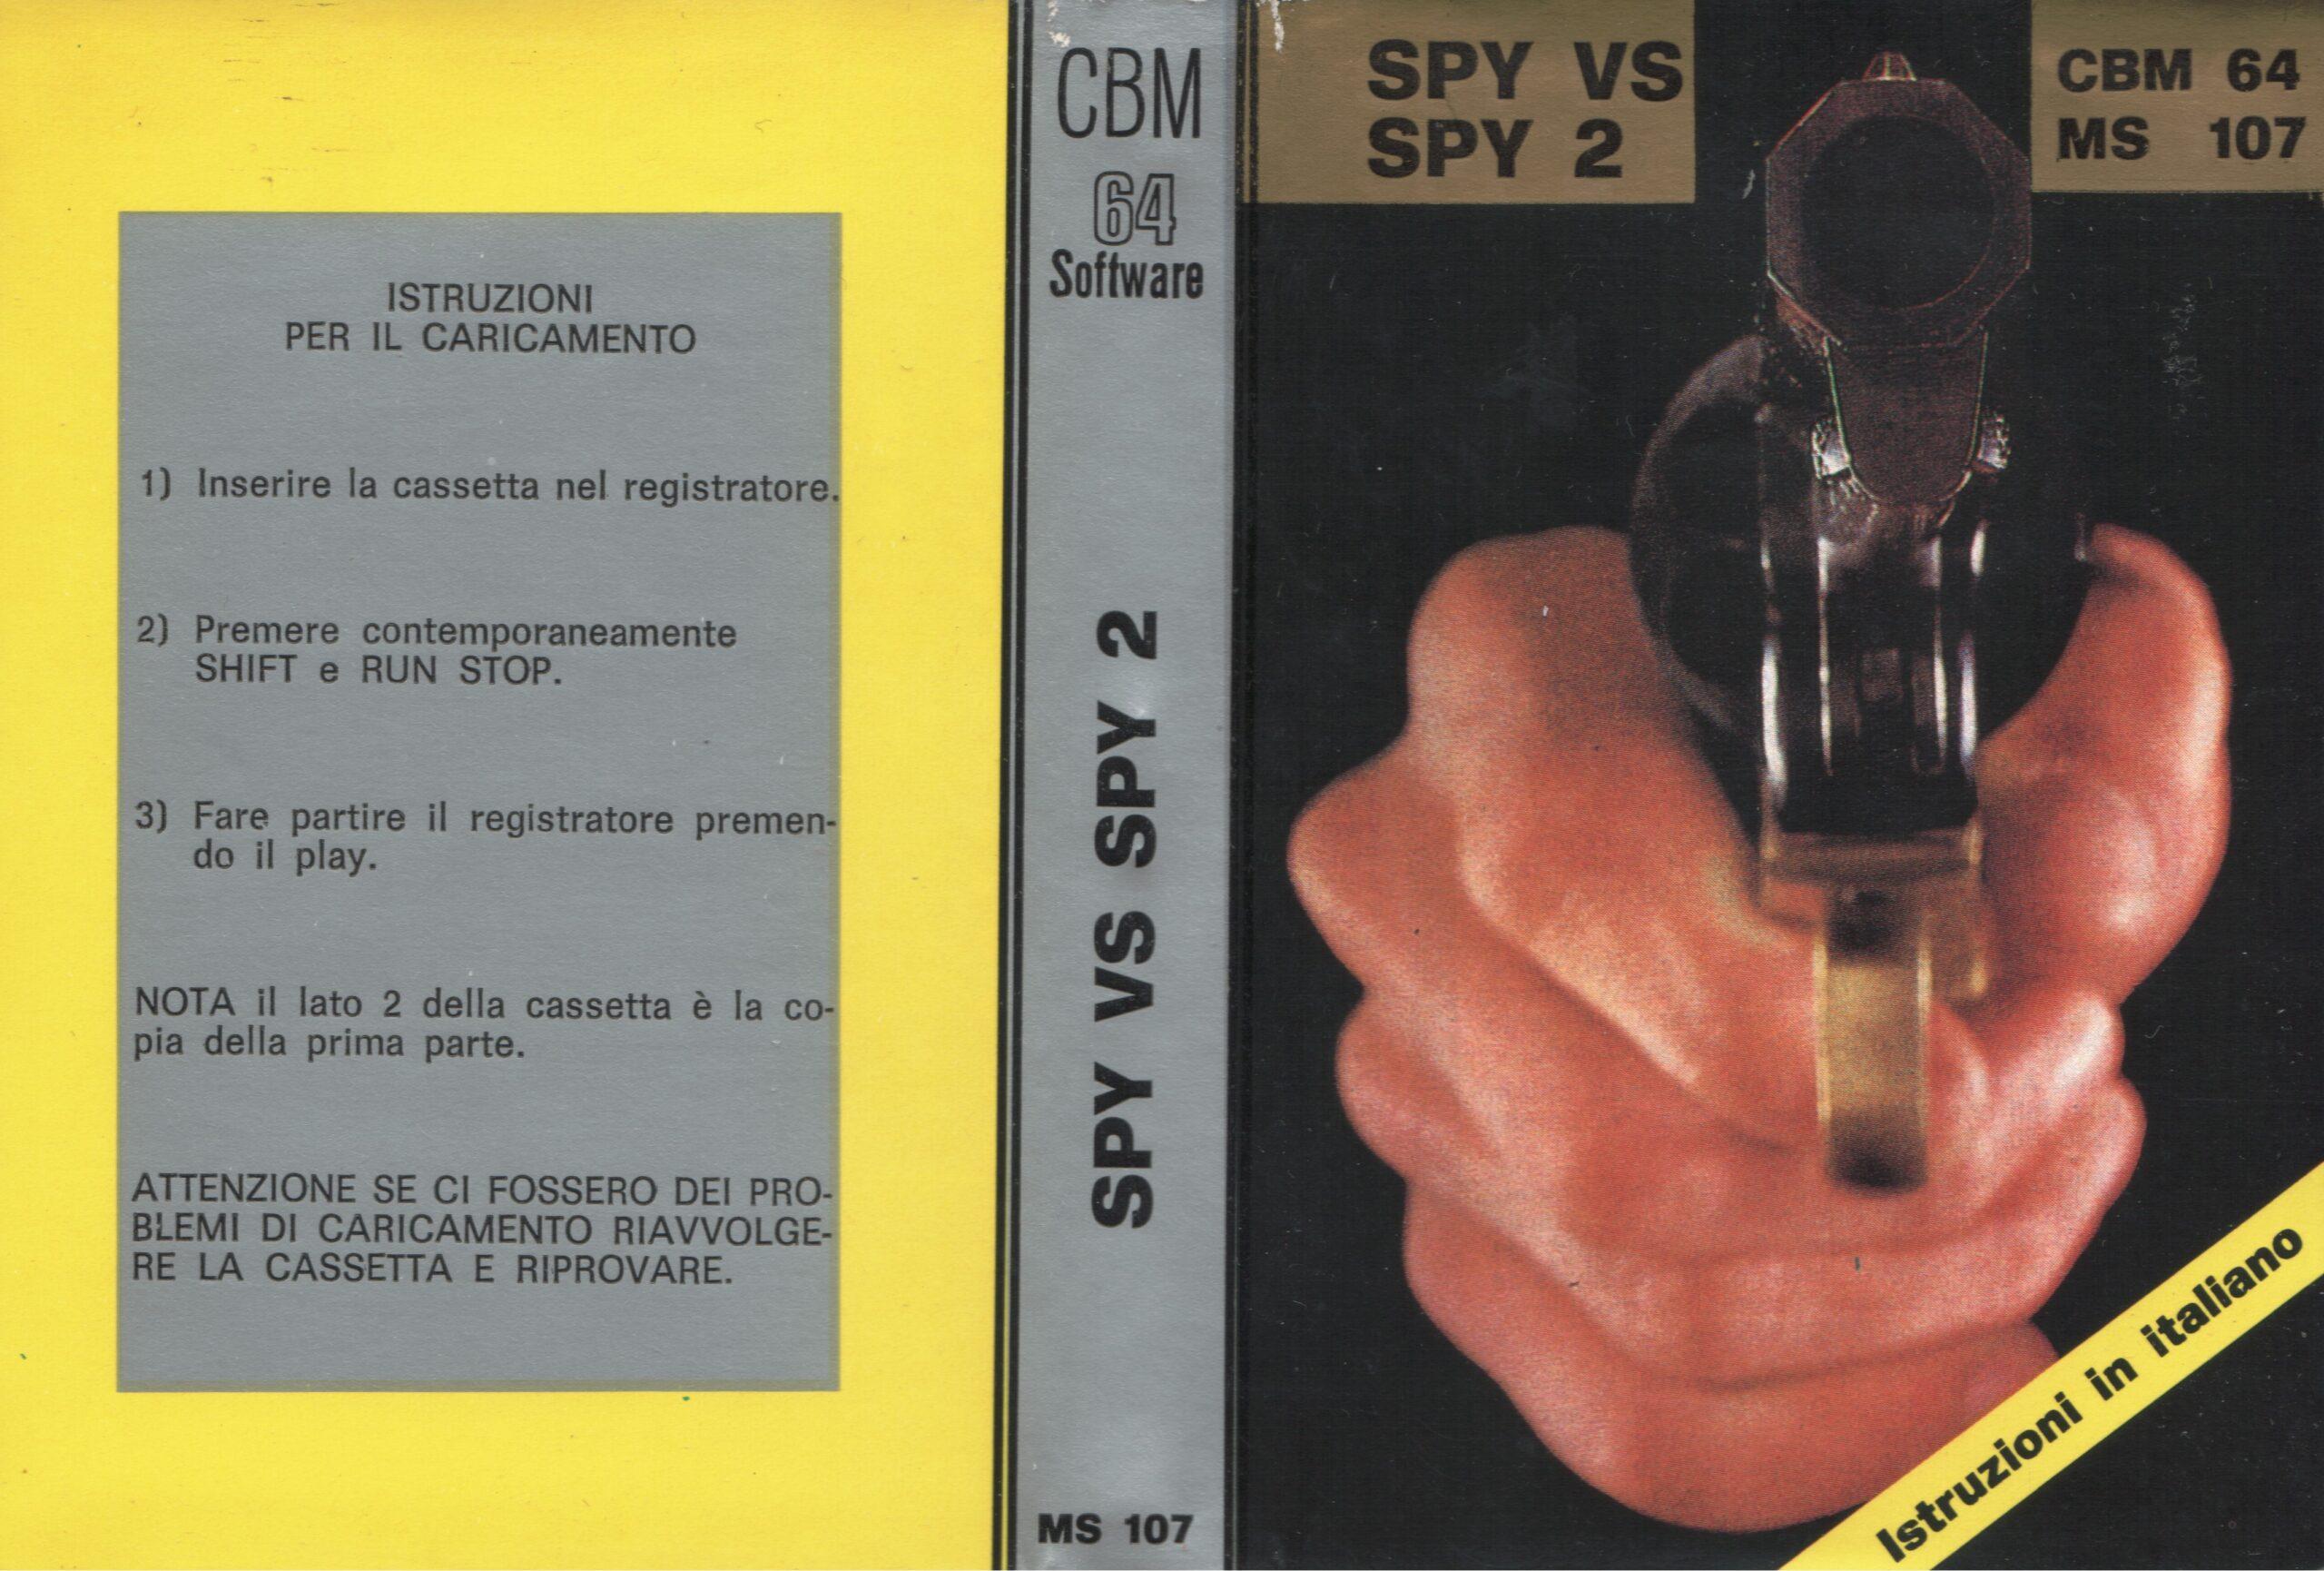 SPY VS SPY 2 MS 107